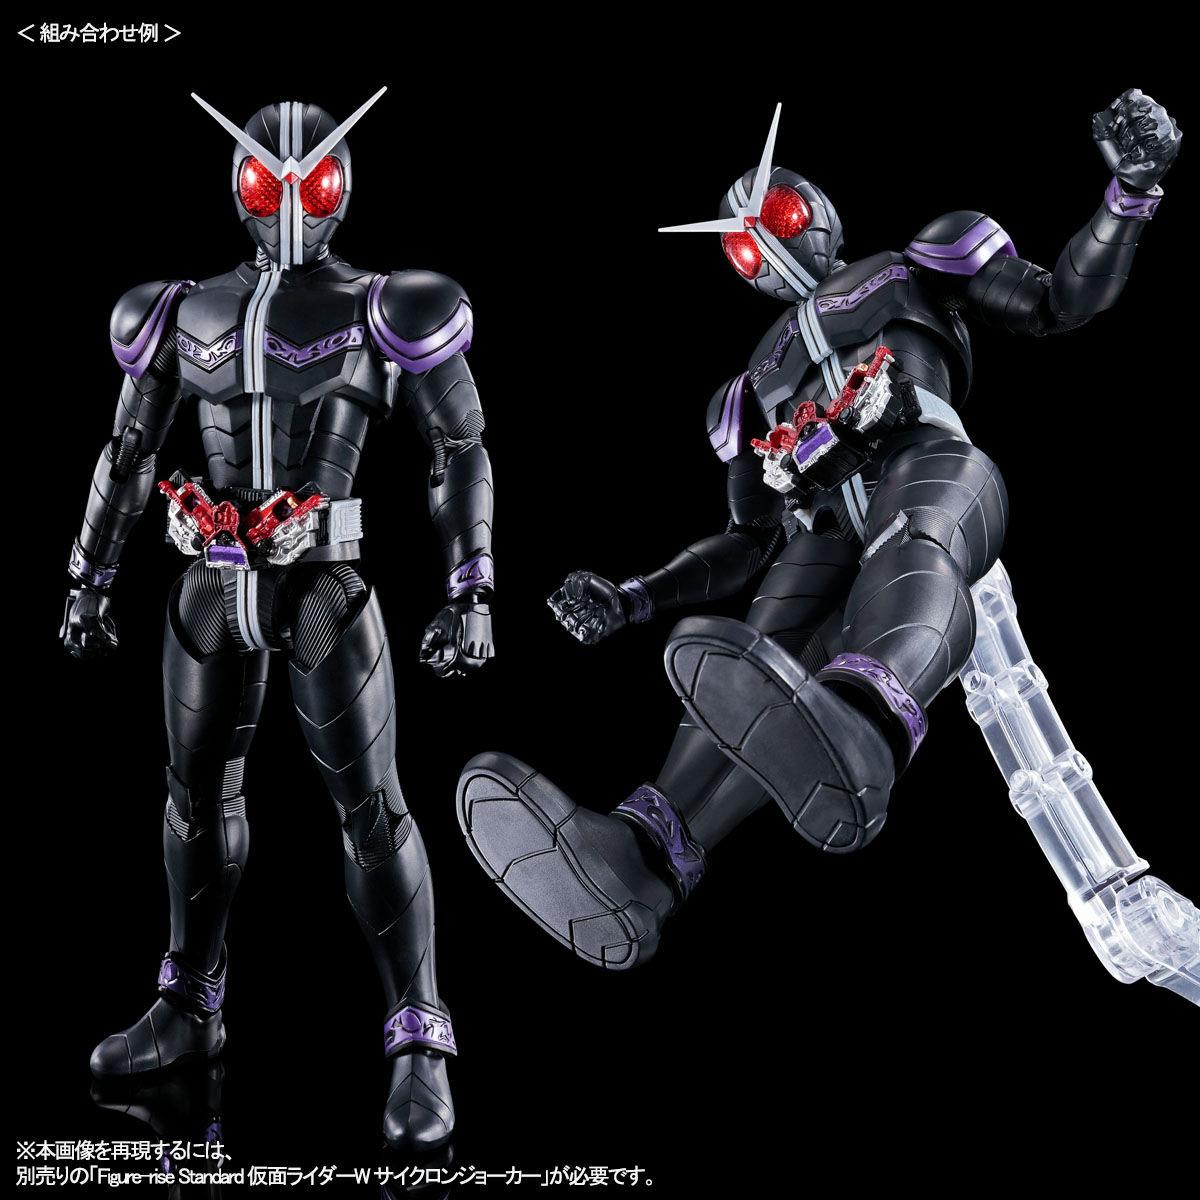 【限定販売】Figure-rise Standard『仮面ライダージョーカー』仮面ライダーW プラモデル-008